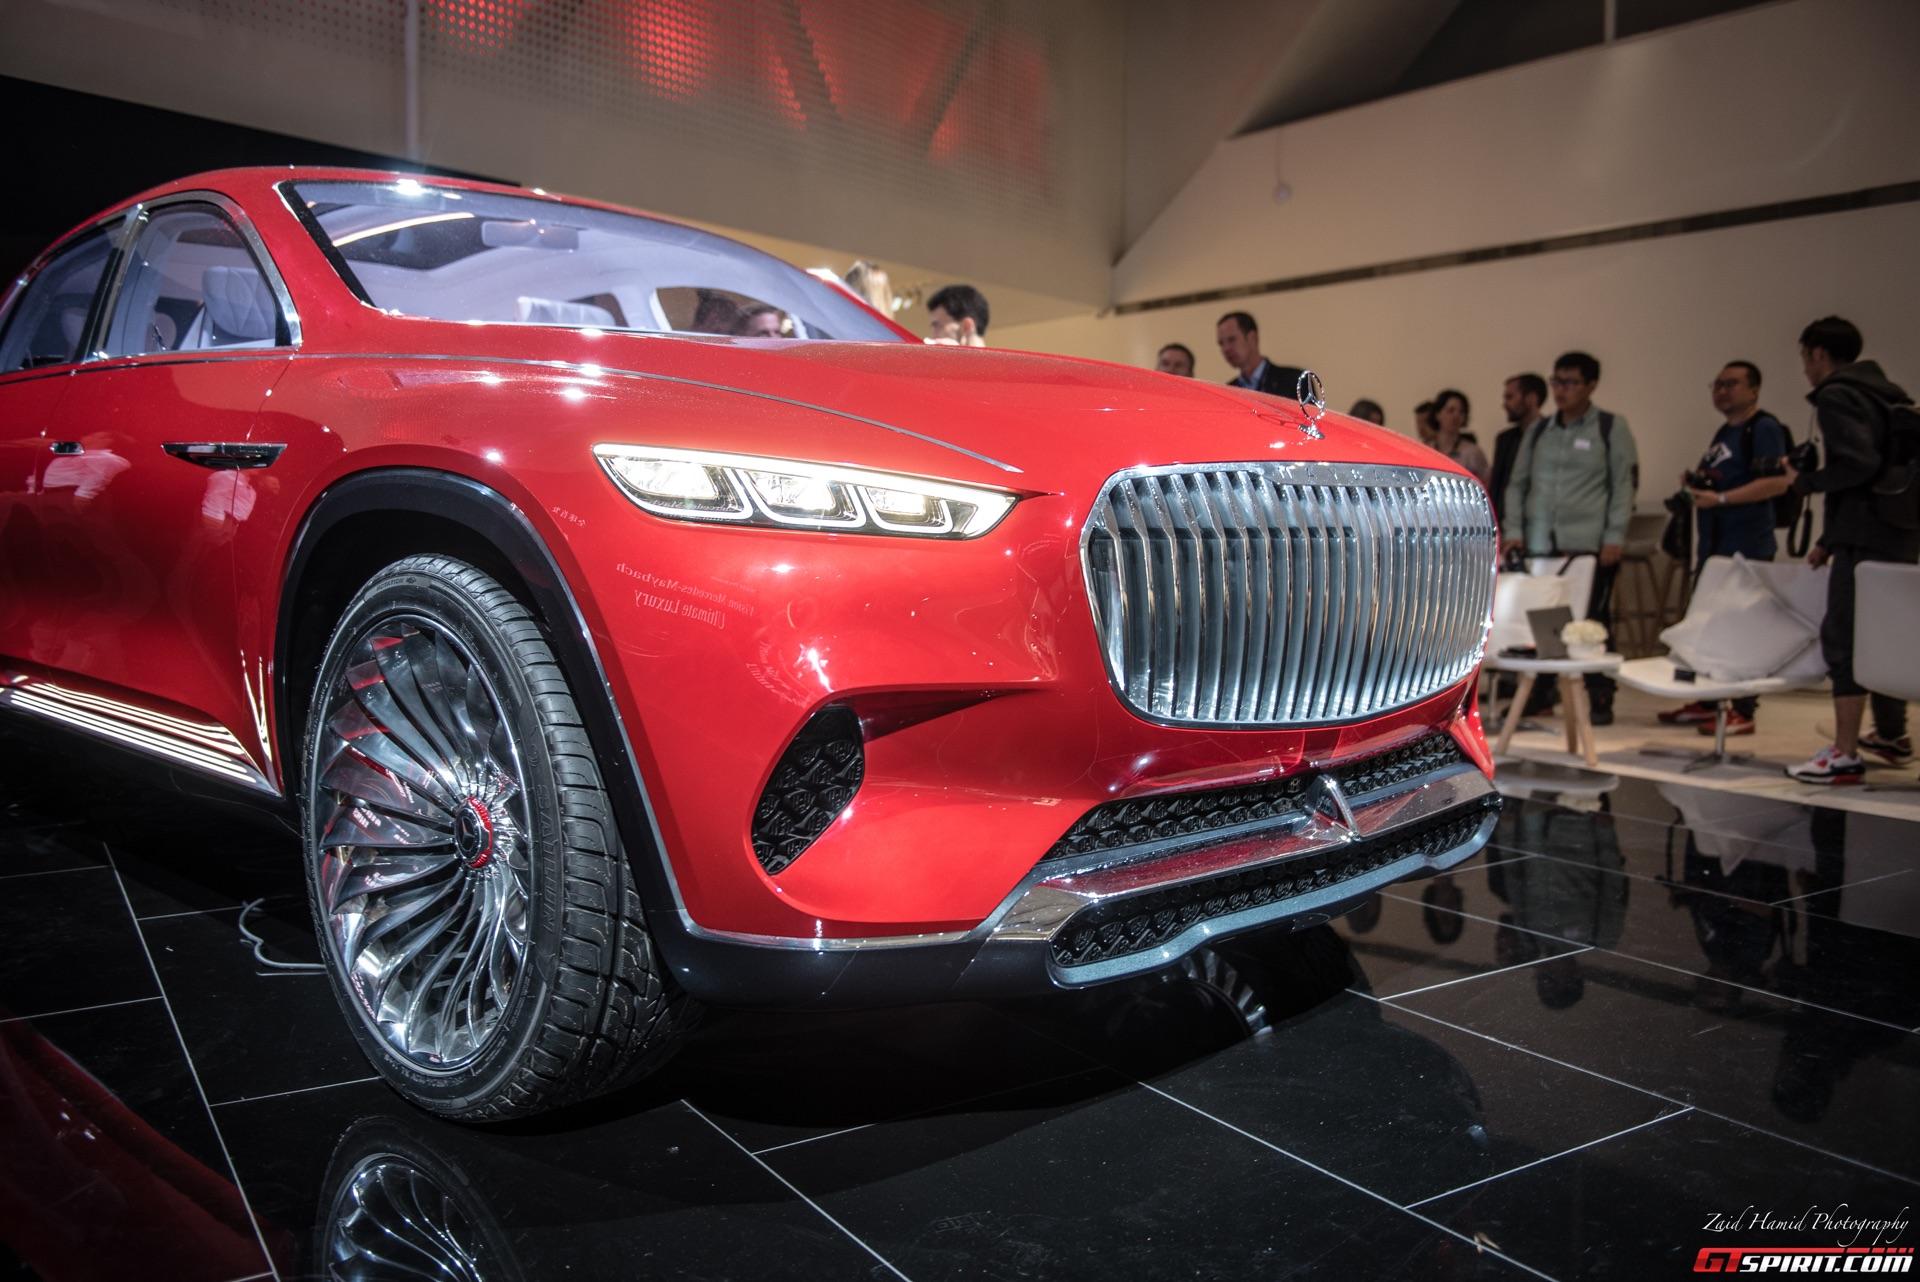 Батарея имеет полезную мощность около 80 кВт-ч и диапазон хода более 500 километров. Максимальная скорость ограничена электроникой на 250 км/ч. Это четкое заявление о намерениях будущих автомобилей премиум-класса от Mercedes-Maybach, которые еще не и